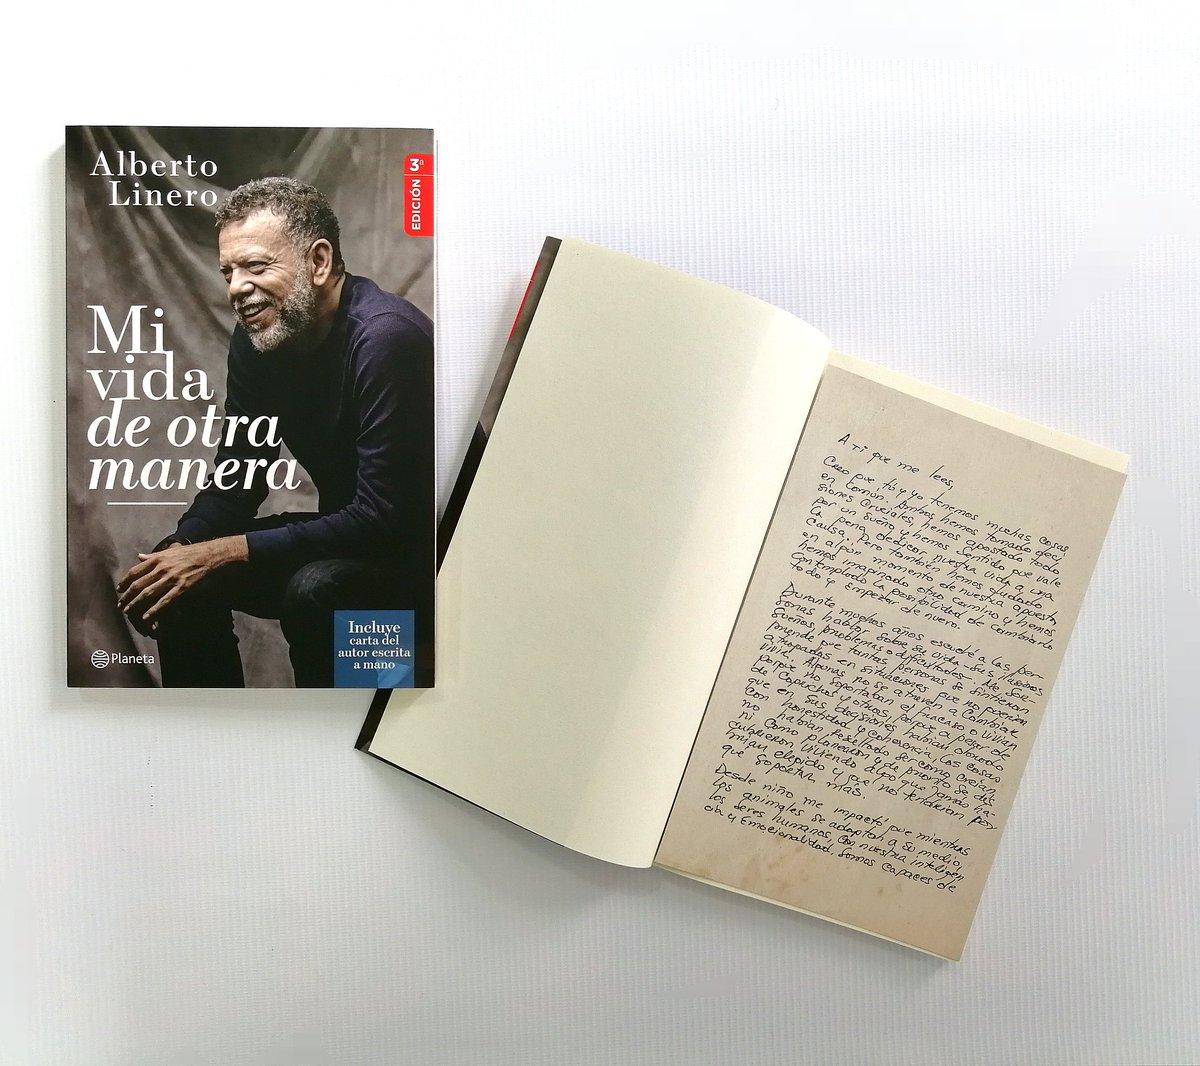 Sorteo #MiVidaDeOtraManera  ¿Quieres llevarte este libro a casa? Participar es muy fácil:   1 Síguenos y a @PLinero. 2. Da Like y RT, y cuéntanos qué cambio quieres hacer en tu vida.  No olvides usar #MiVidaDeOtraManera.  Dos ganadores al azar el 13/03. Válido sólo para 🇨🇴.